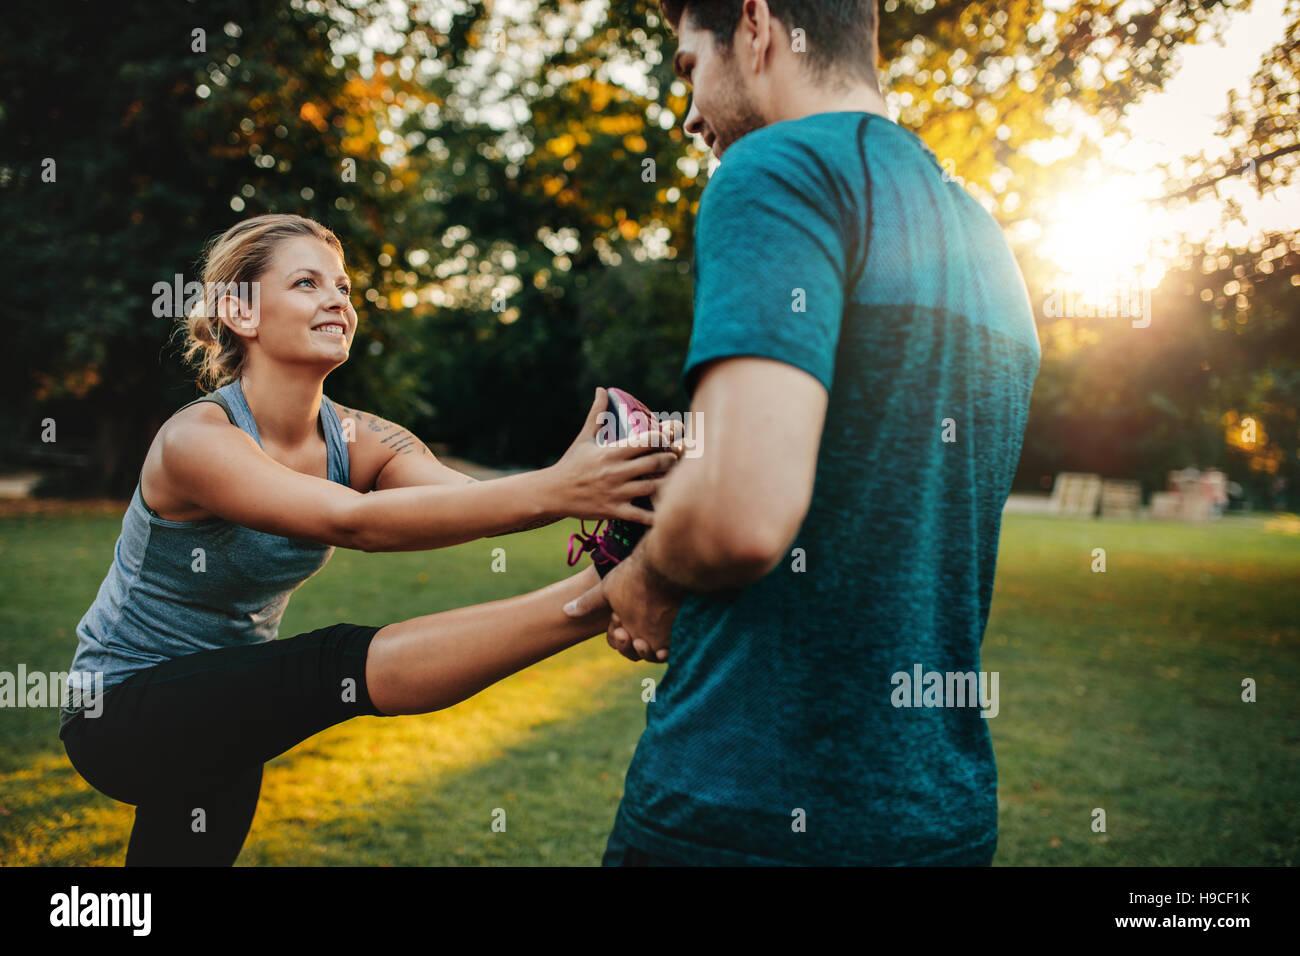 Männliche körperliche Trainer unterstützen Frau mit Bein ausüben. Junge Frau von Personaltrainer Stockbild